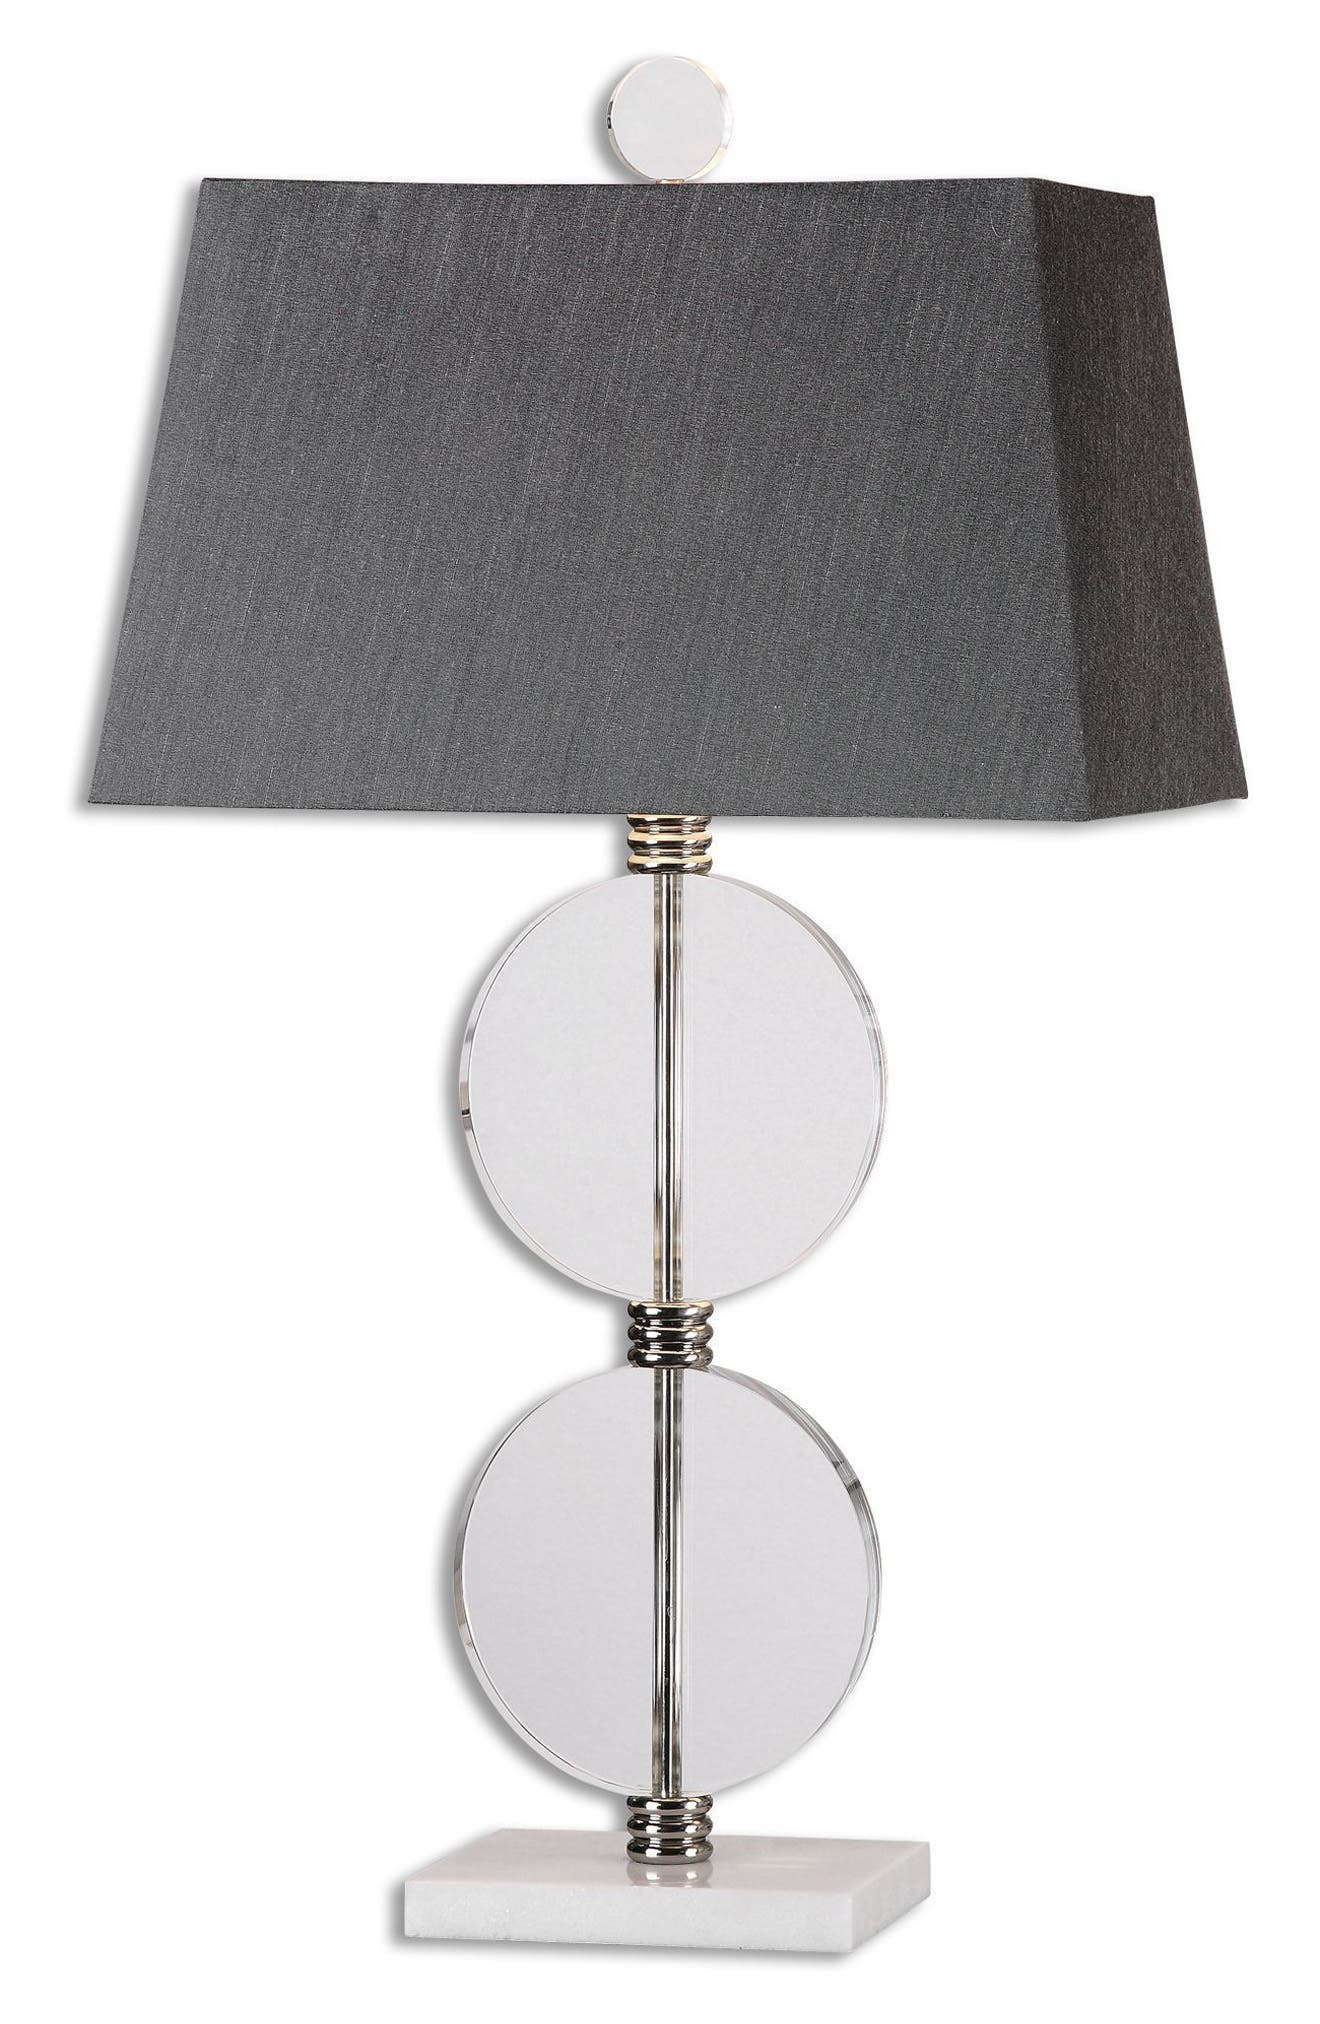 Uttermost Telesino Table Lamp